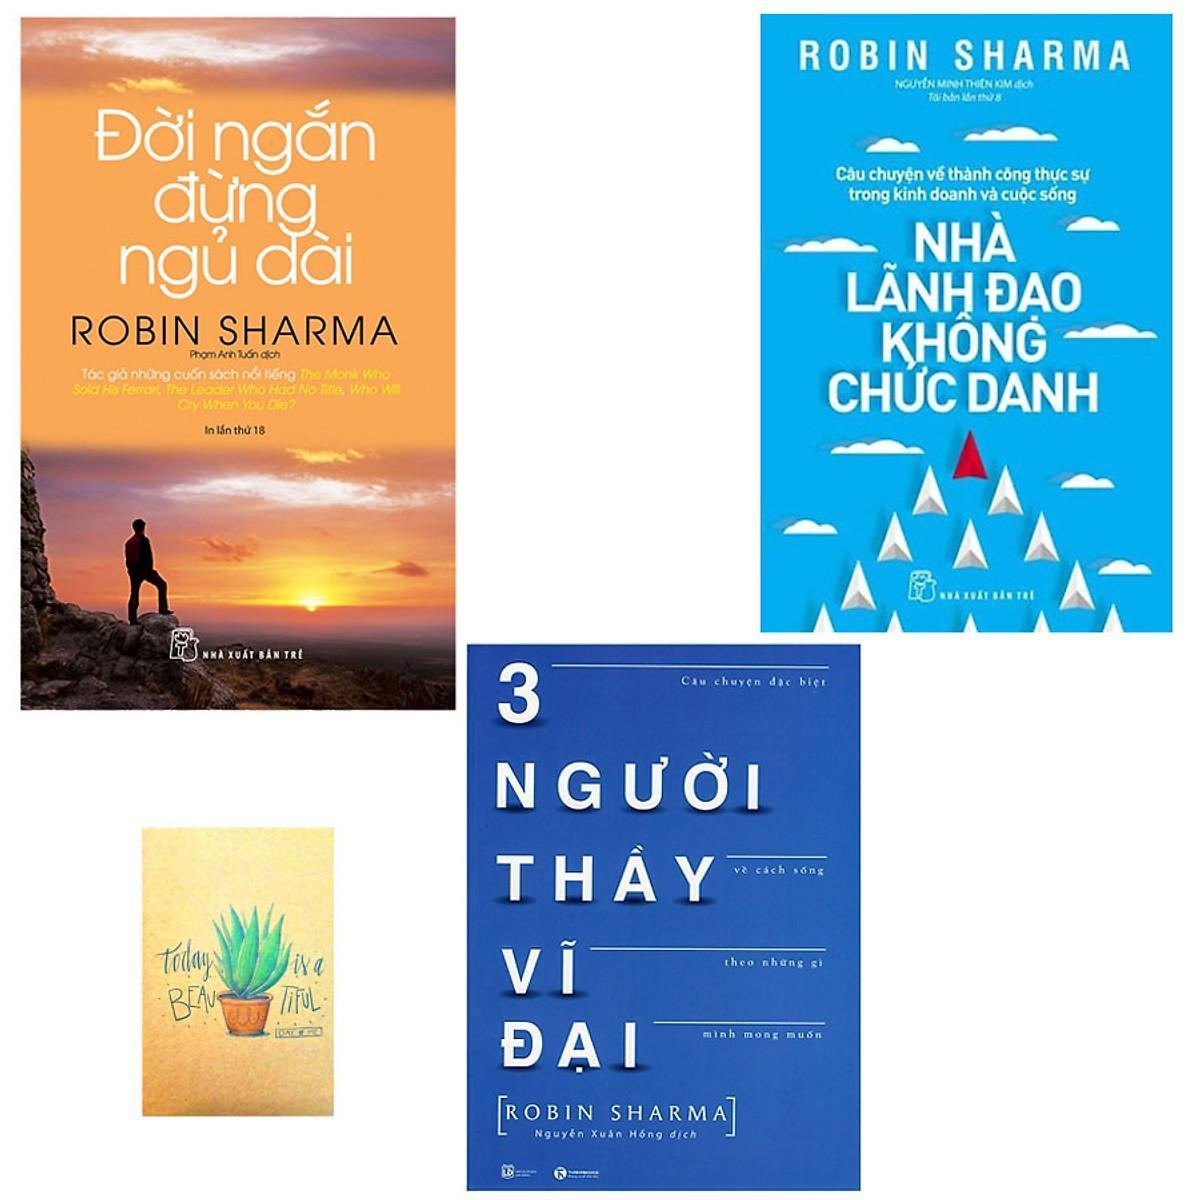 Combo 3 sách Đời Ngắn Đừng Ngủ Dài, Nhà Lãnh Đạo Không Chức Danh và Ba Người Thầy Vĩ Đại